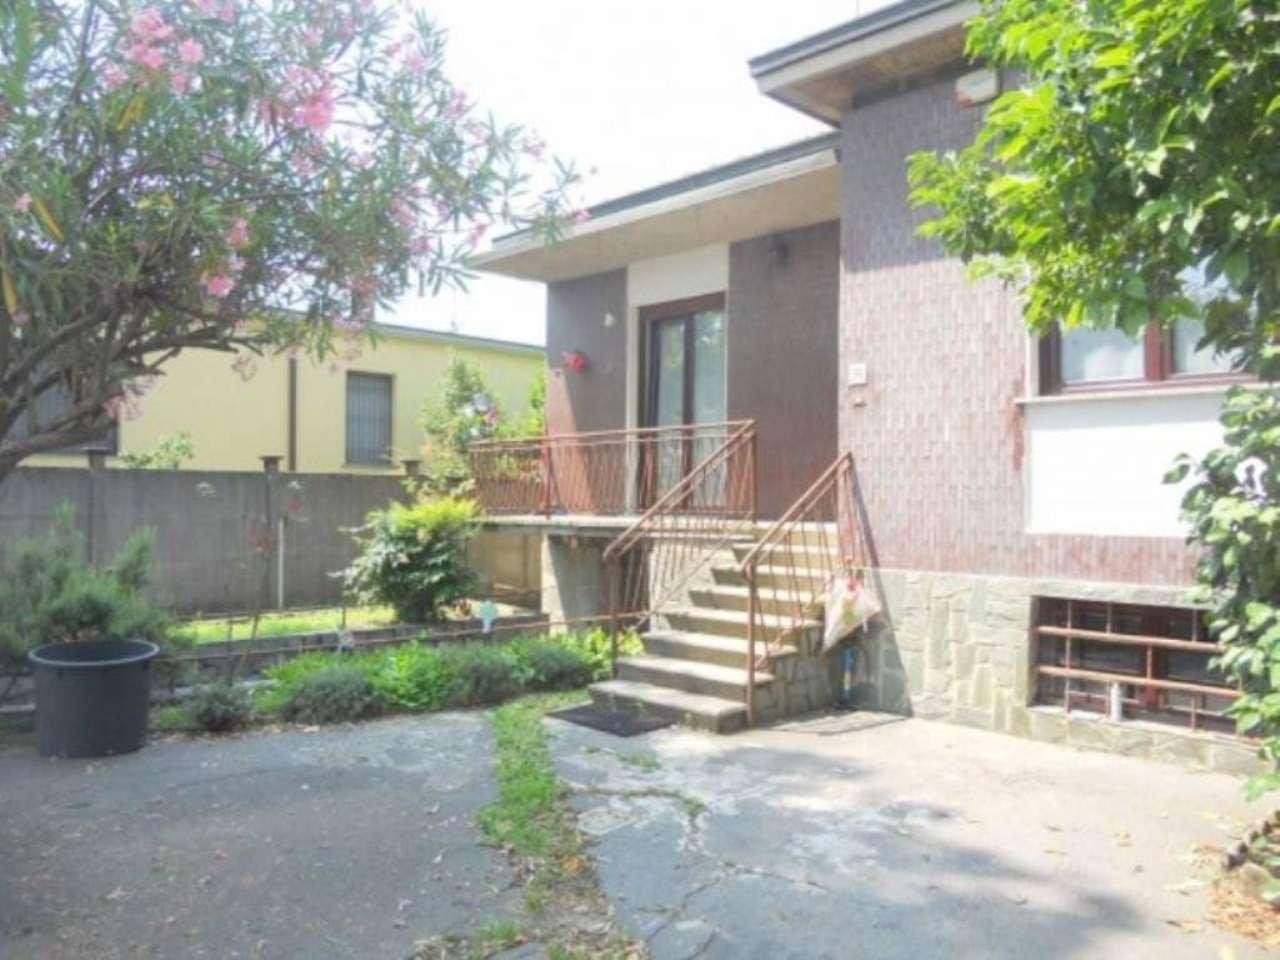 Villa in vendita a Brugherio, 3 locali, prezzo € 330.000 | CambioCasa.it